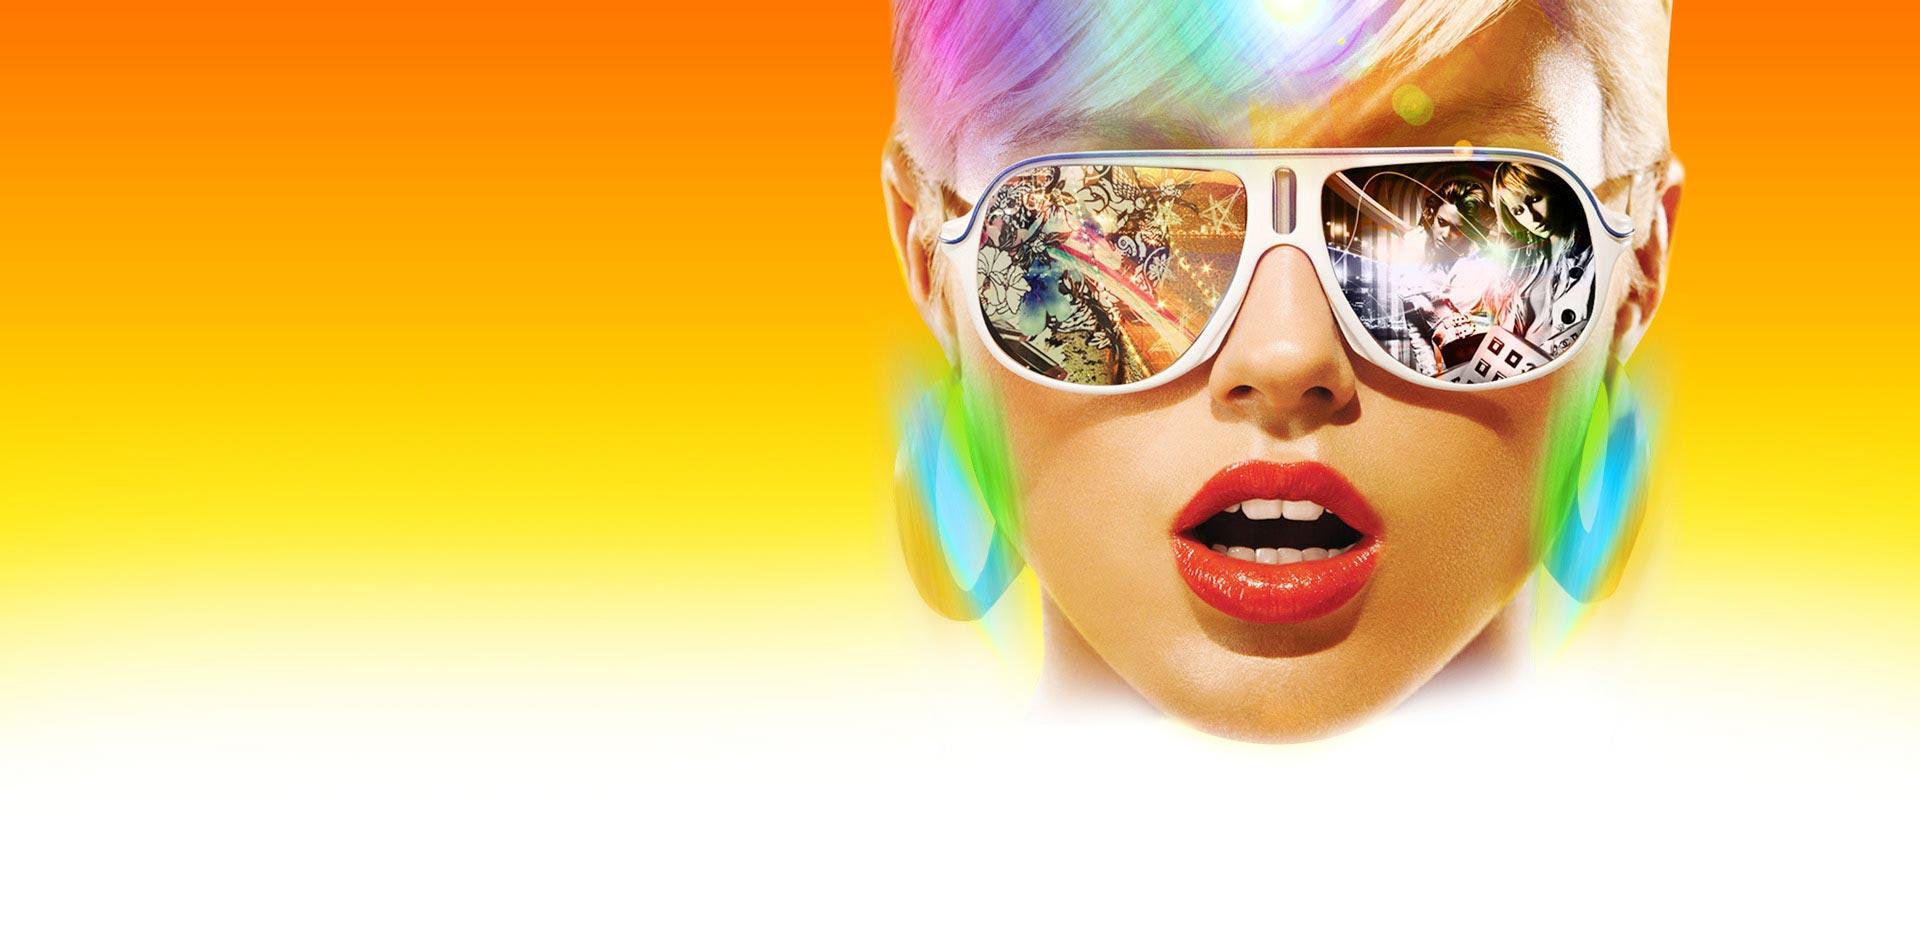 The Design u0026 Print Co. : Web Design, Graphic Design and ...